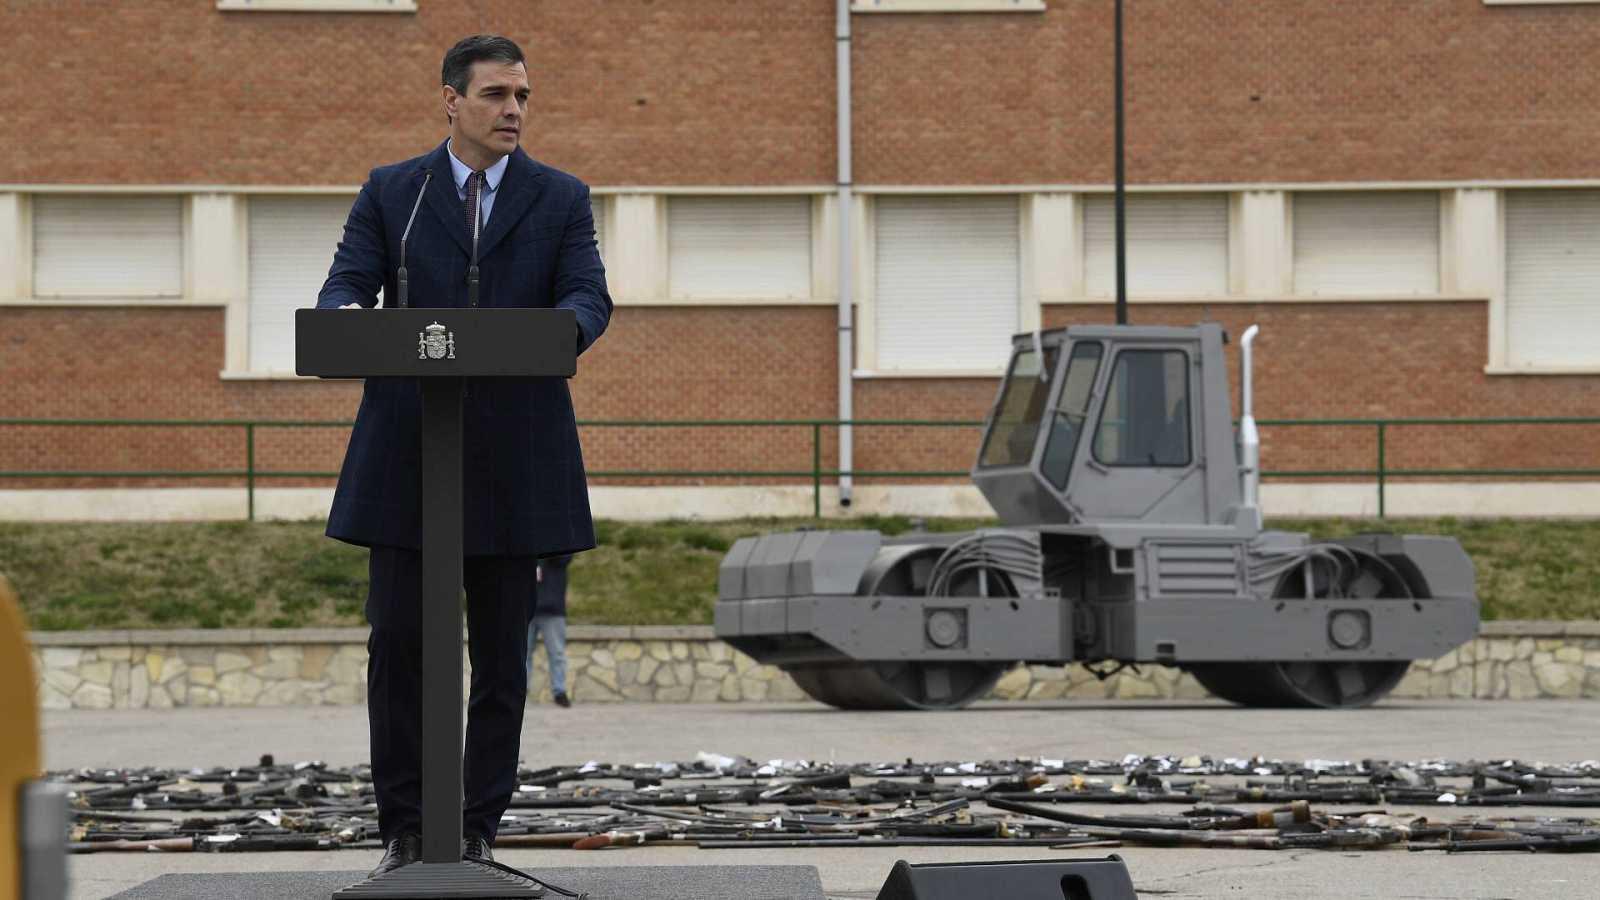 El Gobierno destruye casi 1.400 armas incautadas a grupos terroristas en un acto simbólico